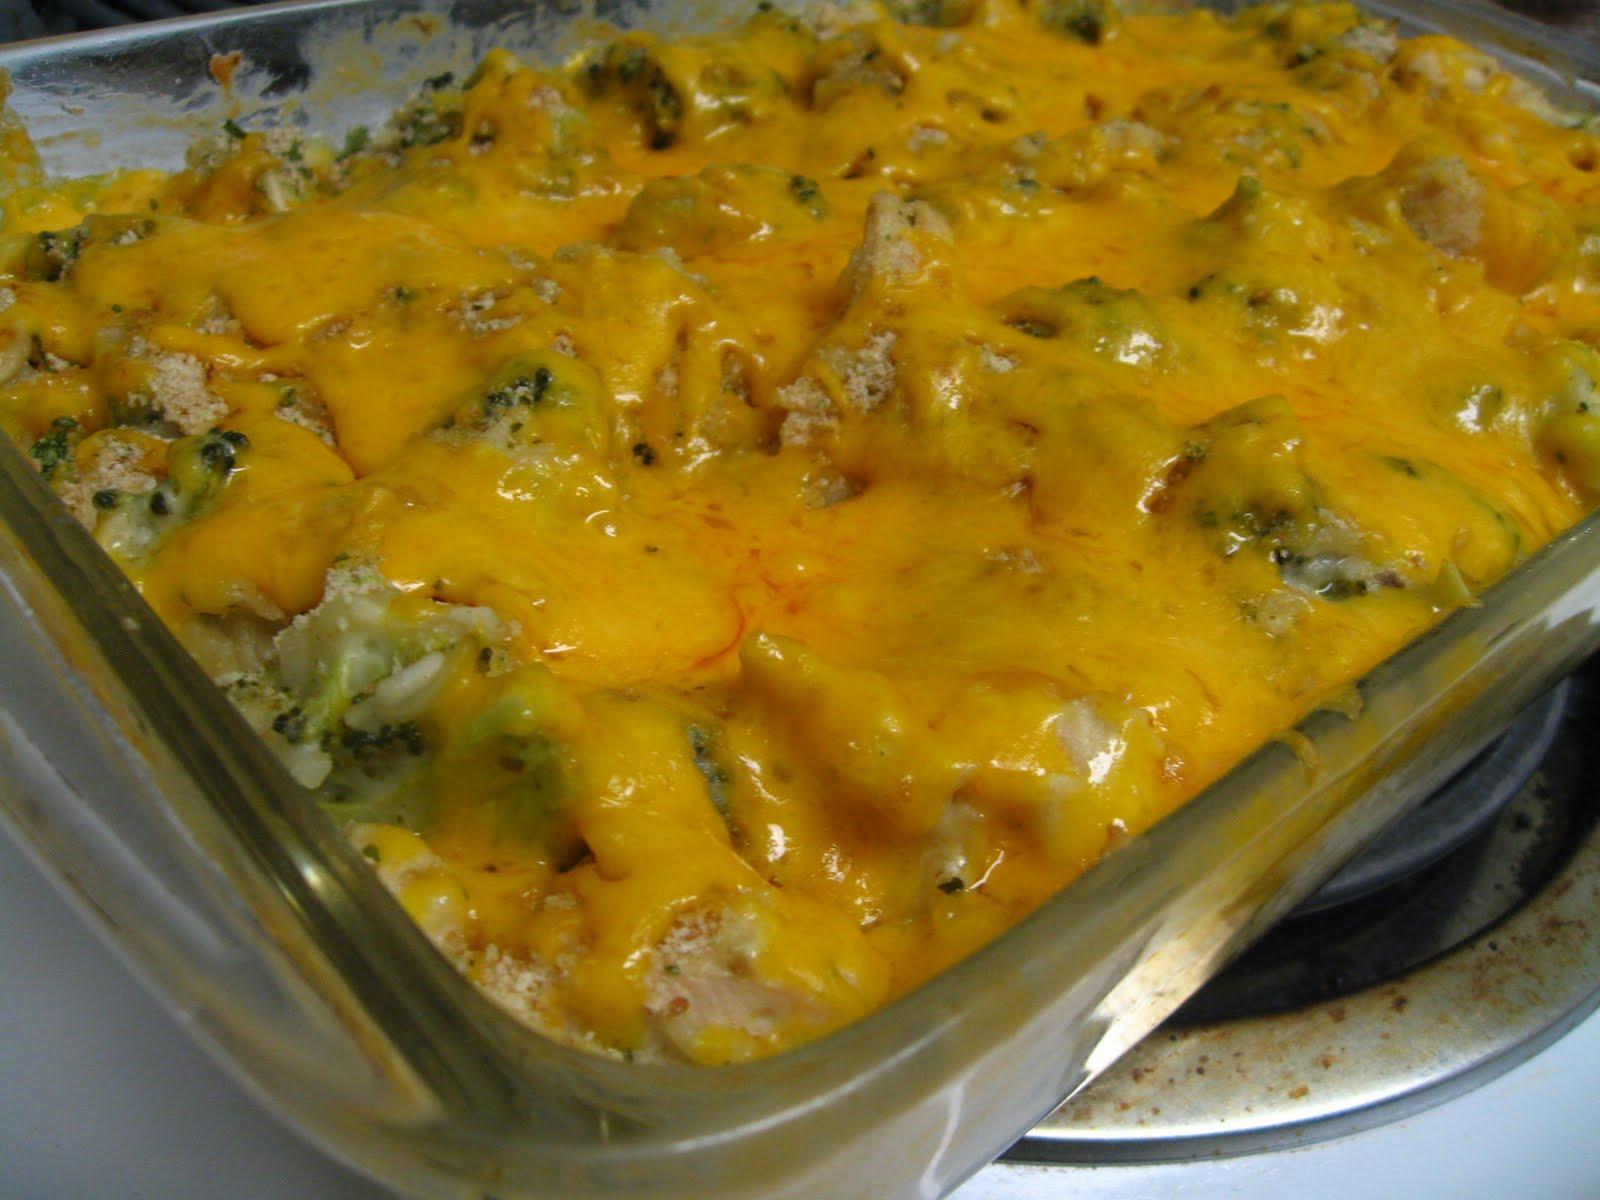 Cream of broccoli chicken casserole recipes